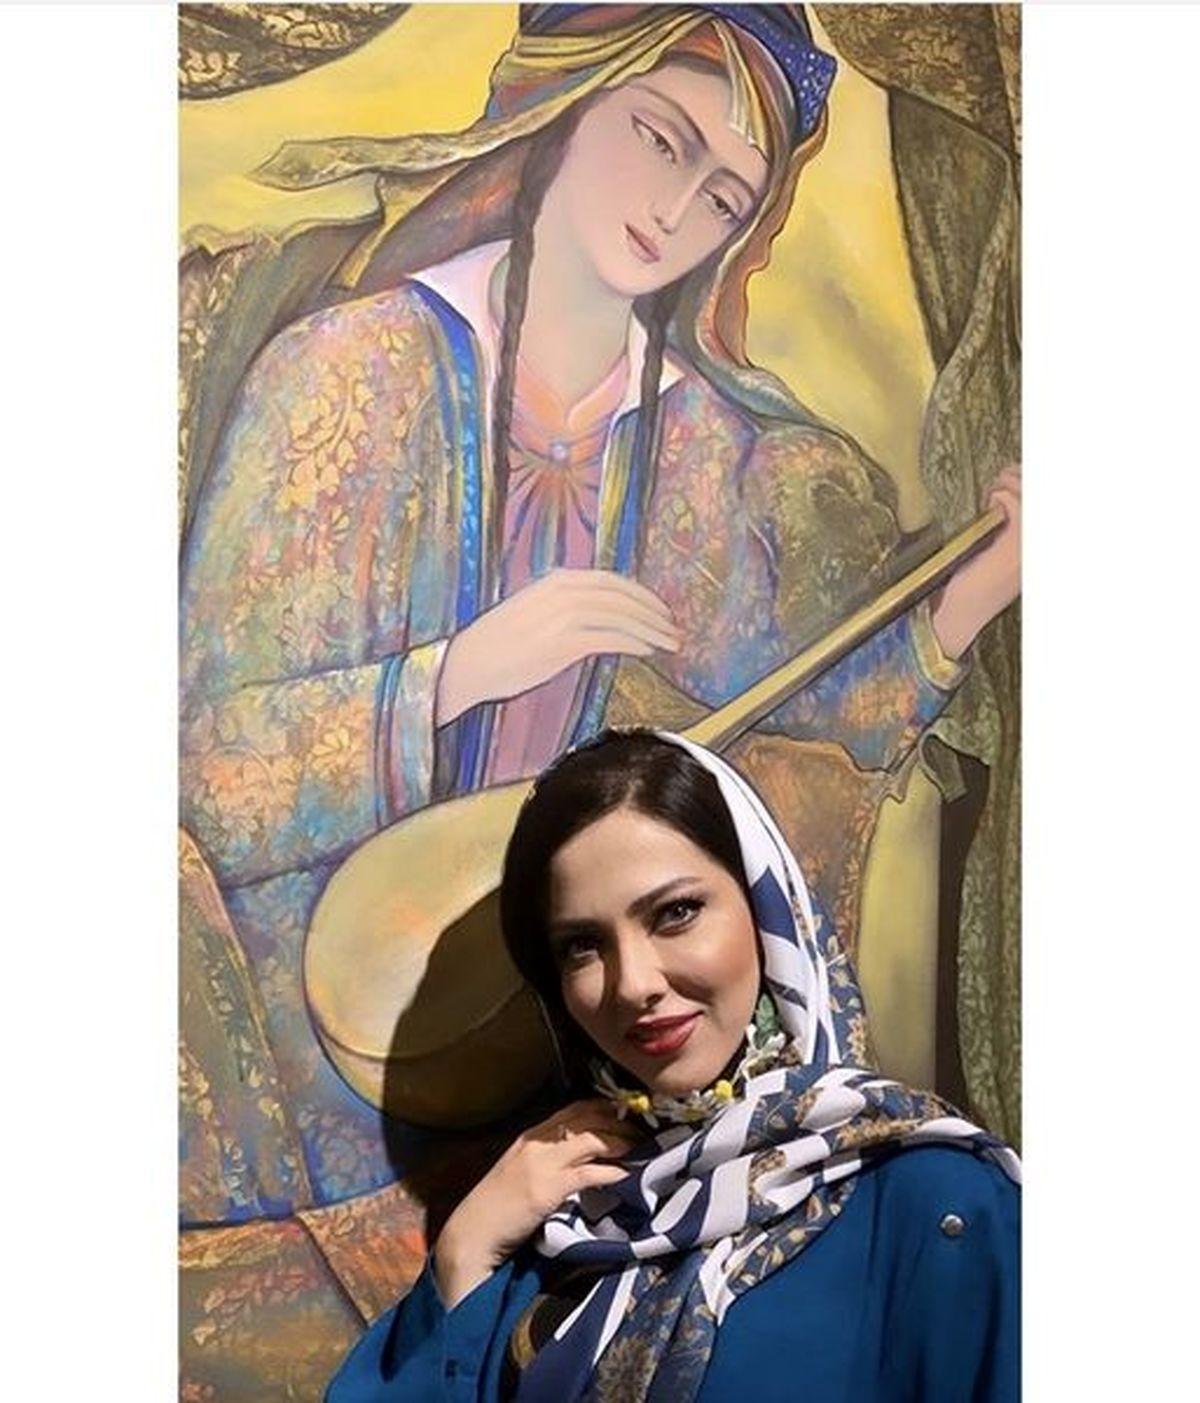 عکس جذاب لیلا اوتادی در گالری نقاشی